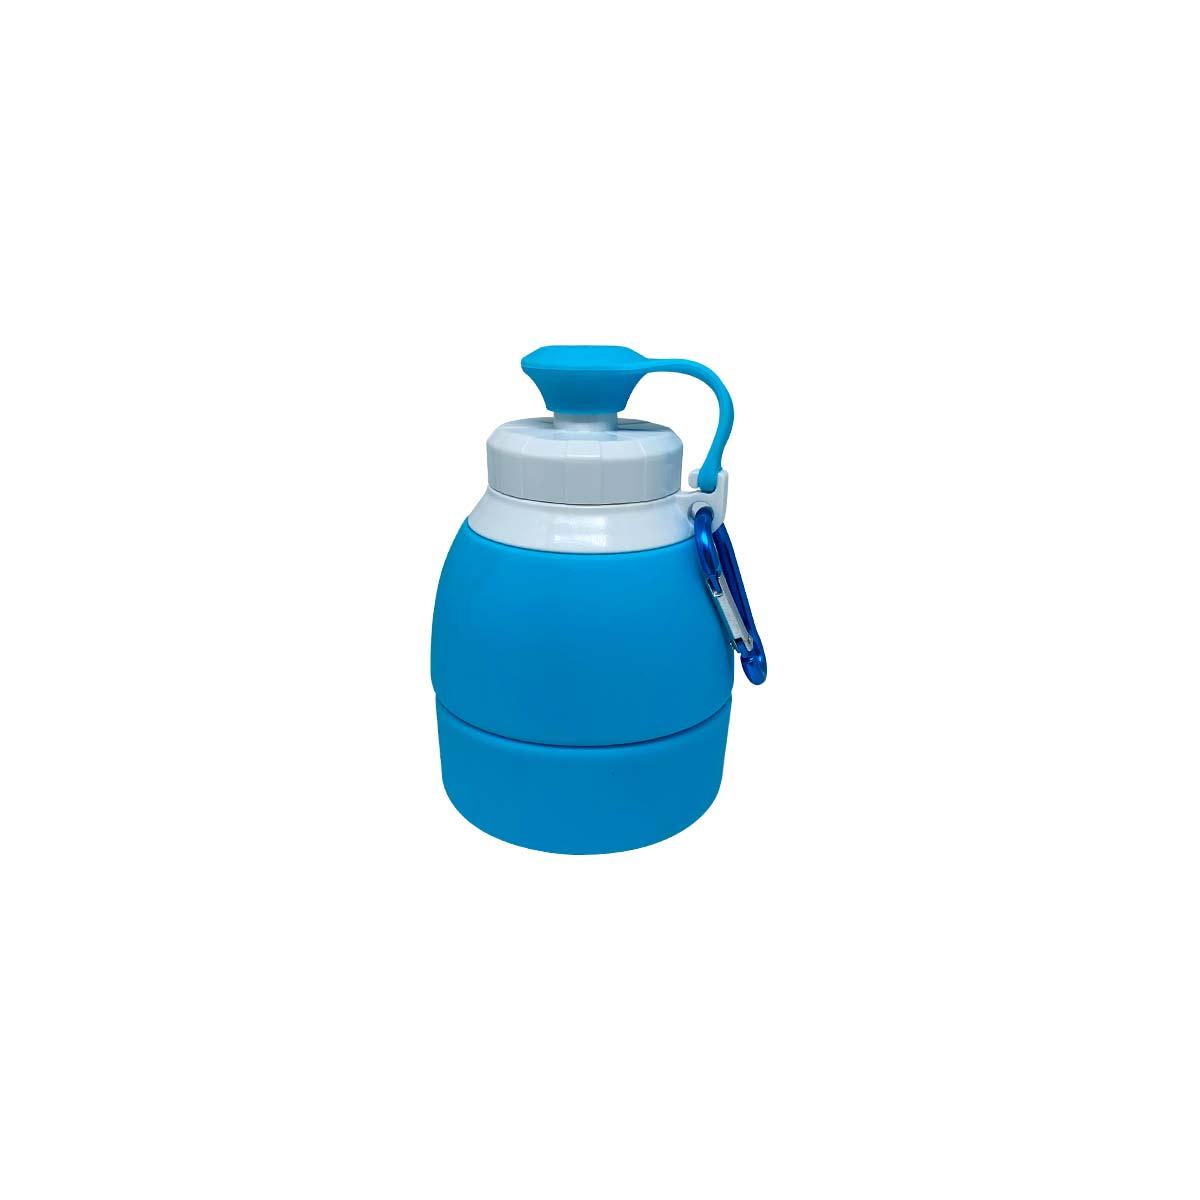 Garrafa de Silicone Retrátil - 580ml Azul